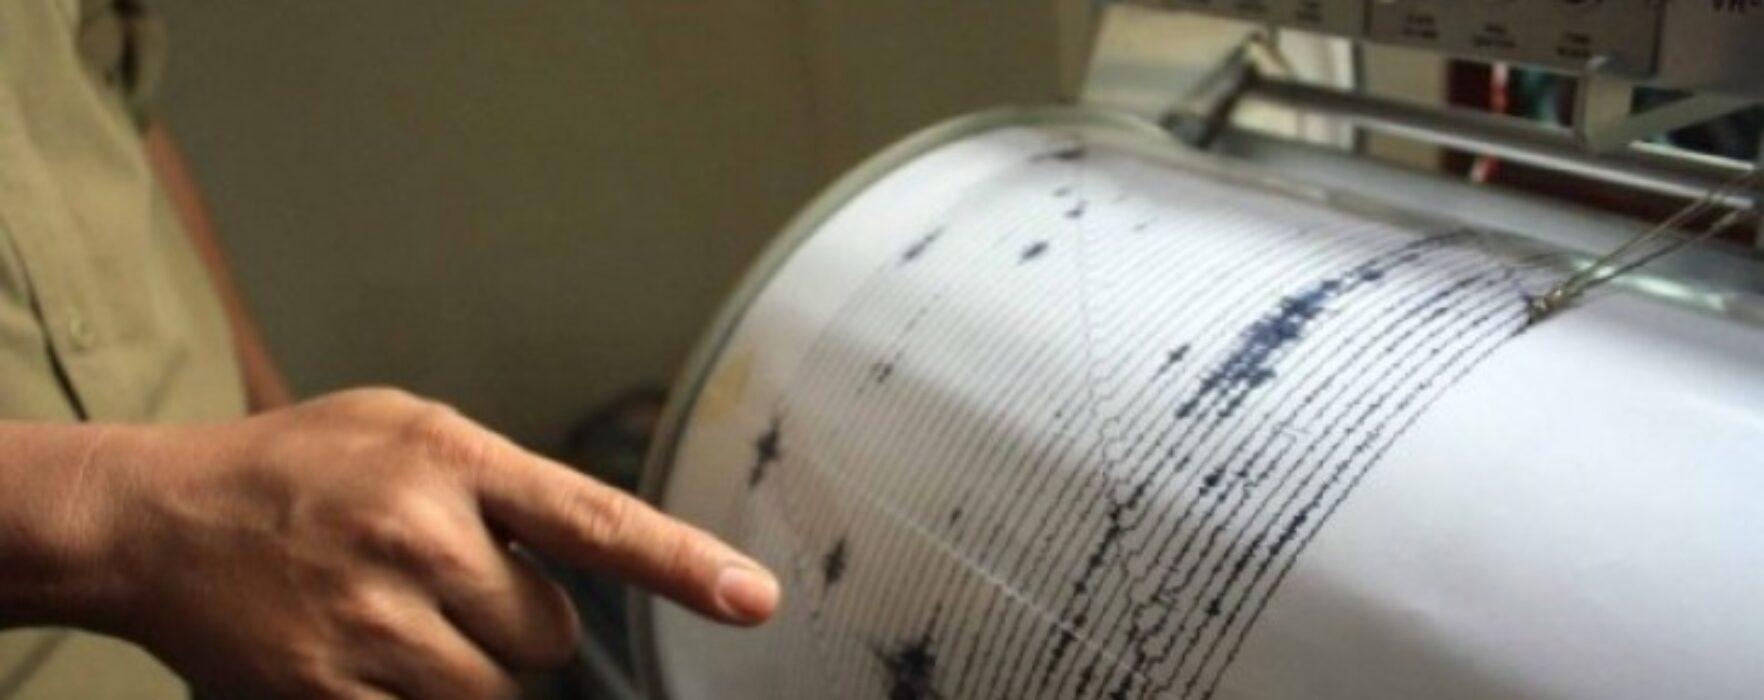 Cutremur de 4,4 grade Richter în Vrancea, resimţit şi la Târgovişte